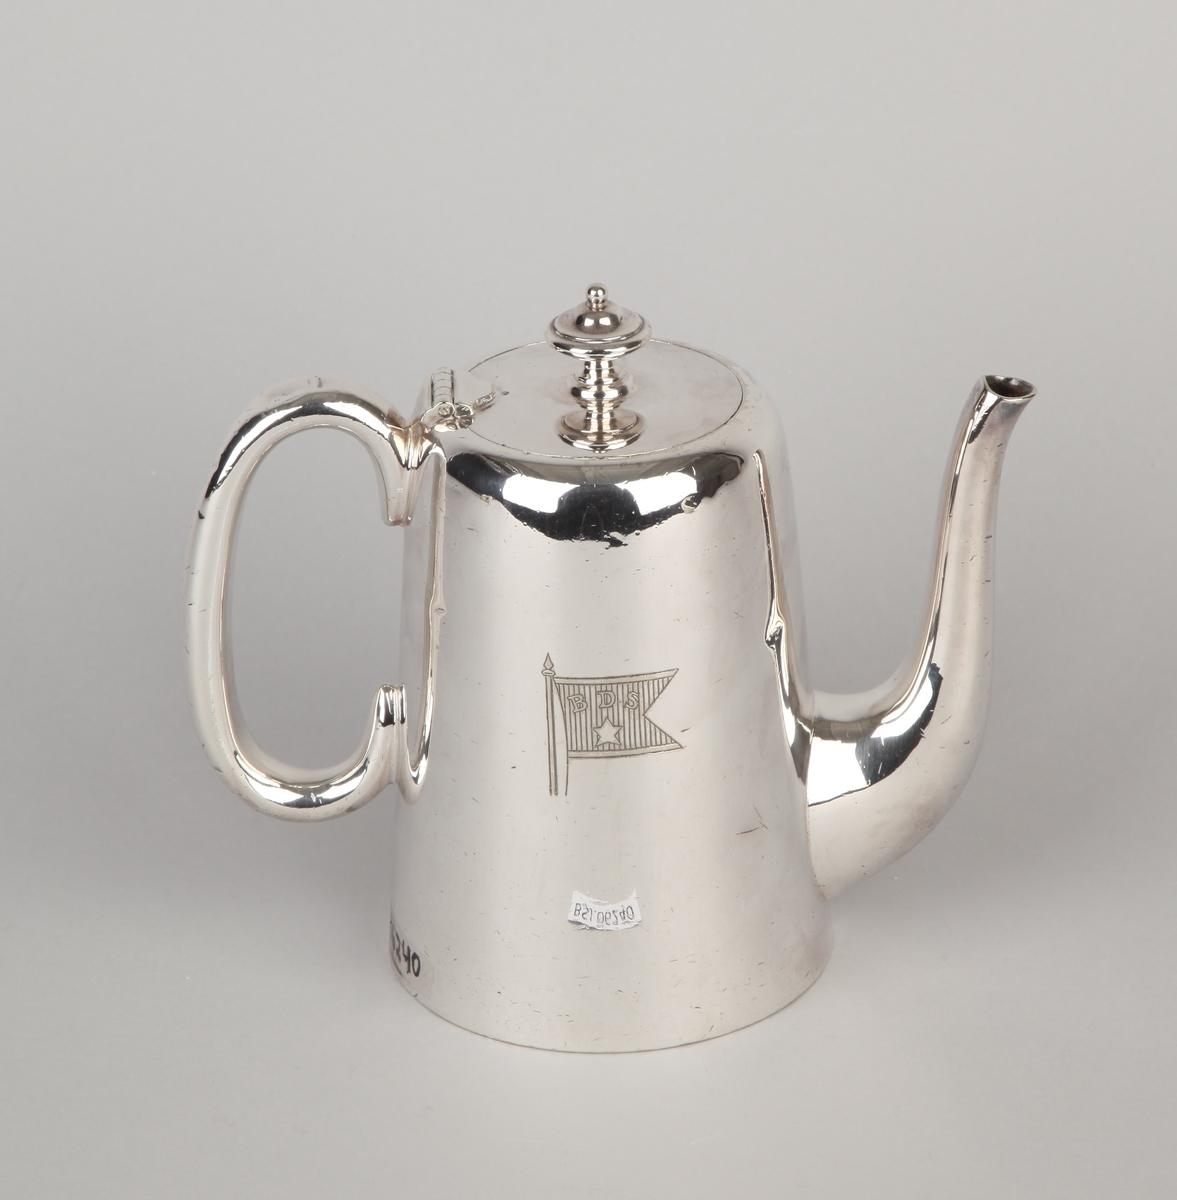 Kaffekanne i nysølv med tut, hank og hengslet lokk.